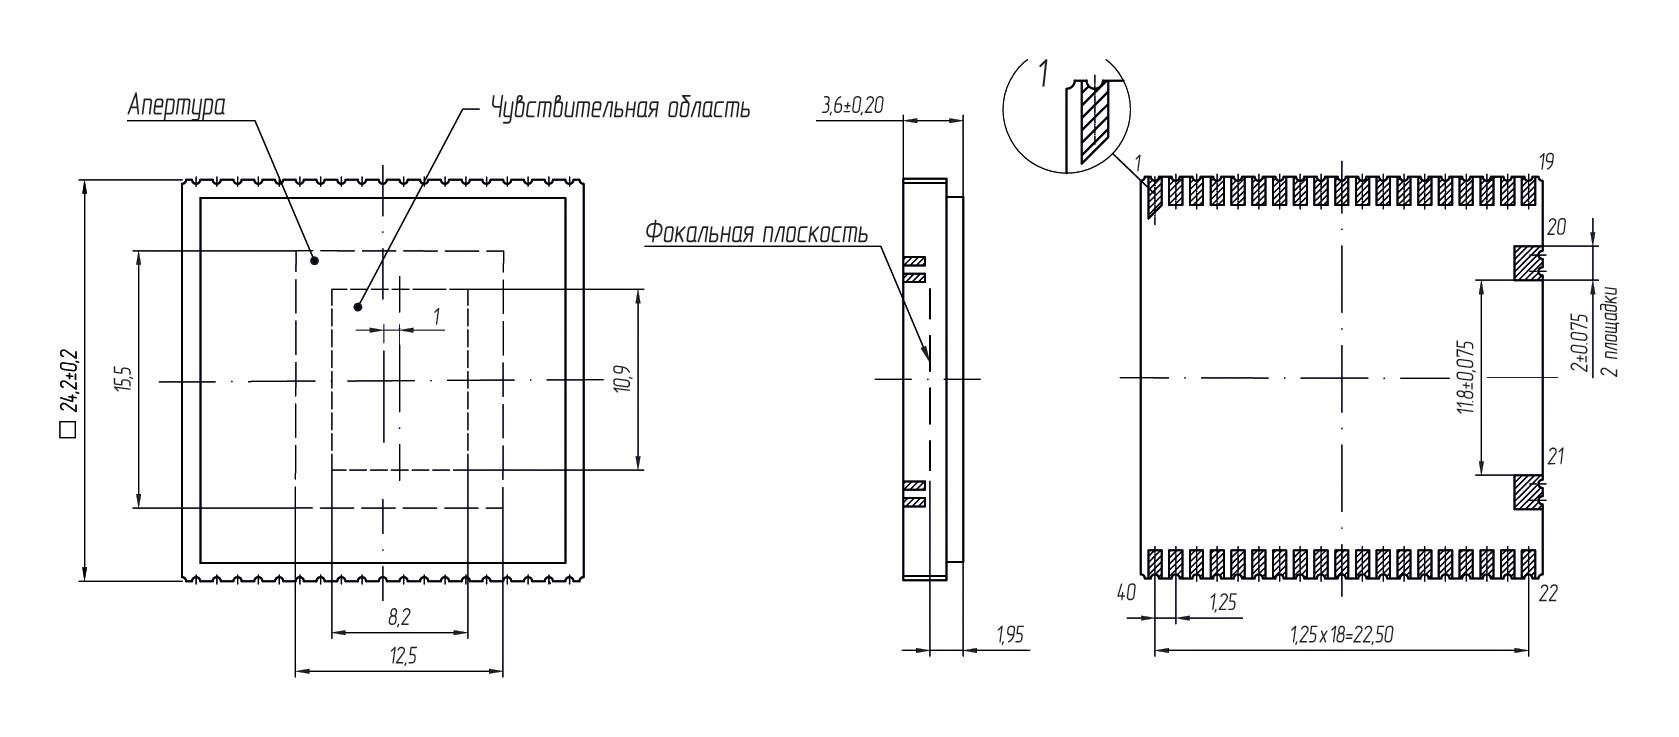 Габаритные чертежи и размеры АСТРОН-64017-1